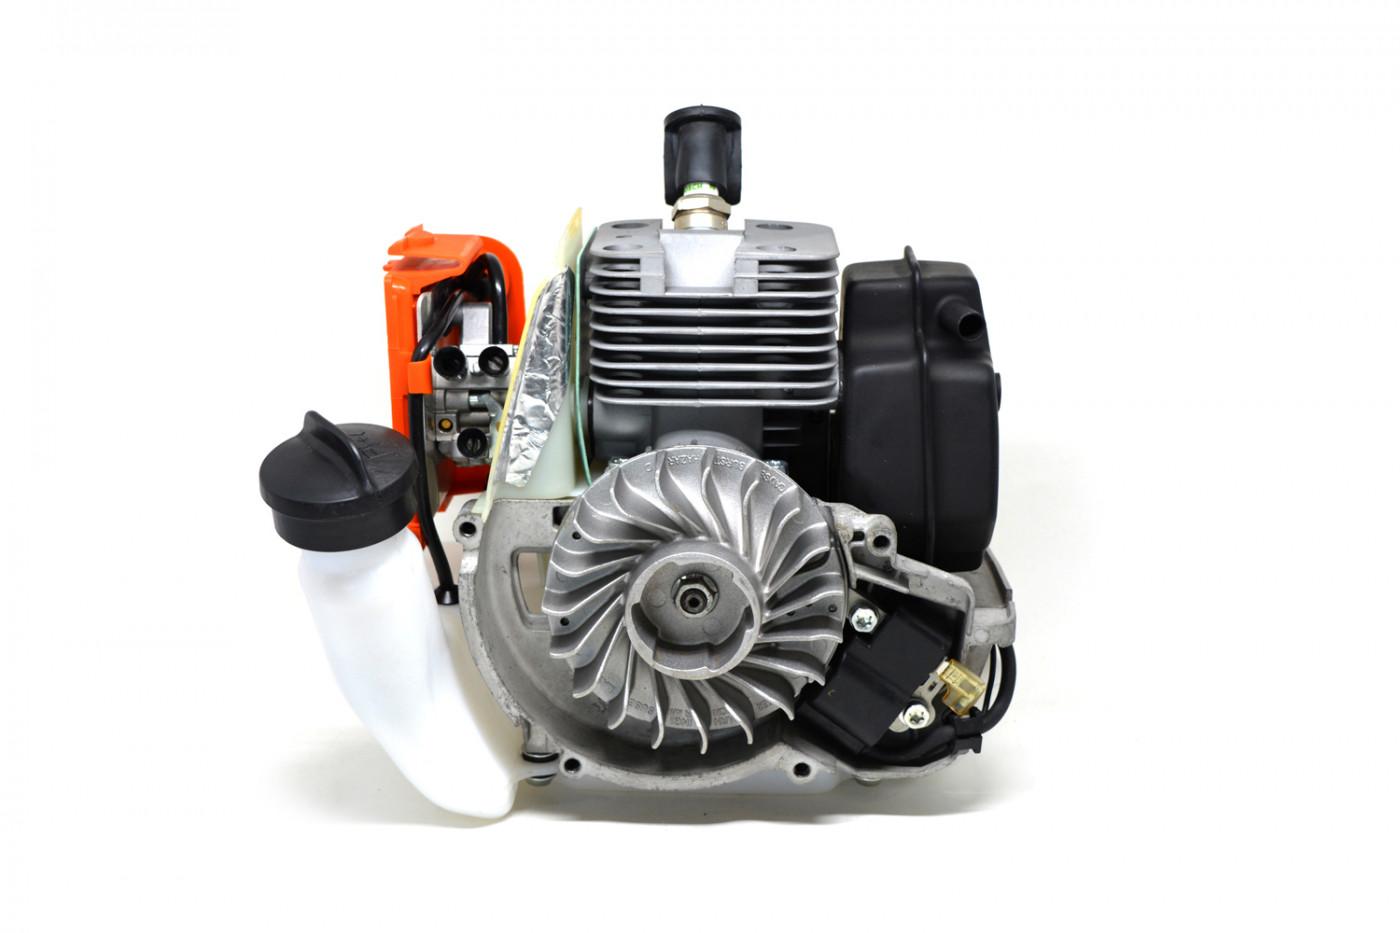 Kompletná opravárenská sada Stihl pre FS120 FS120R FS200 FS200R FS250 FS250R FS350 - AKCE!